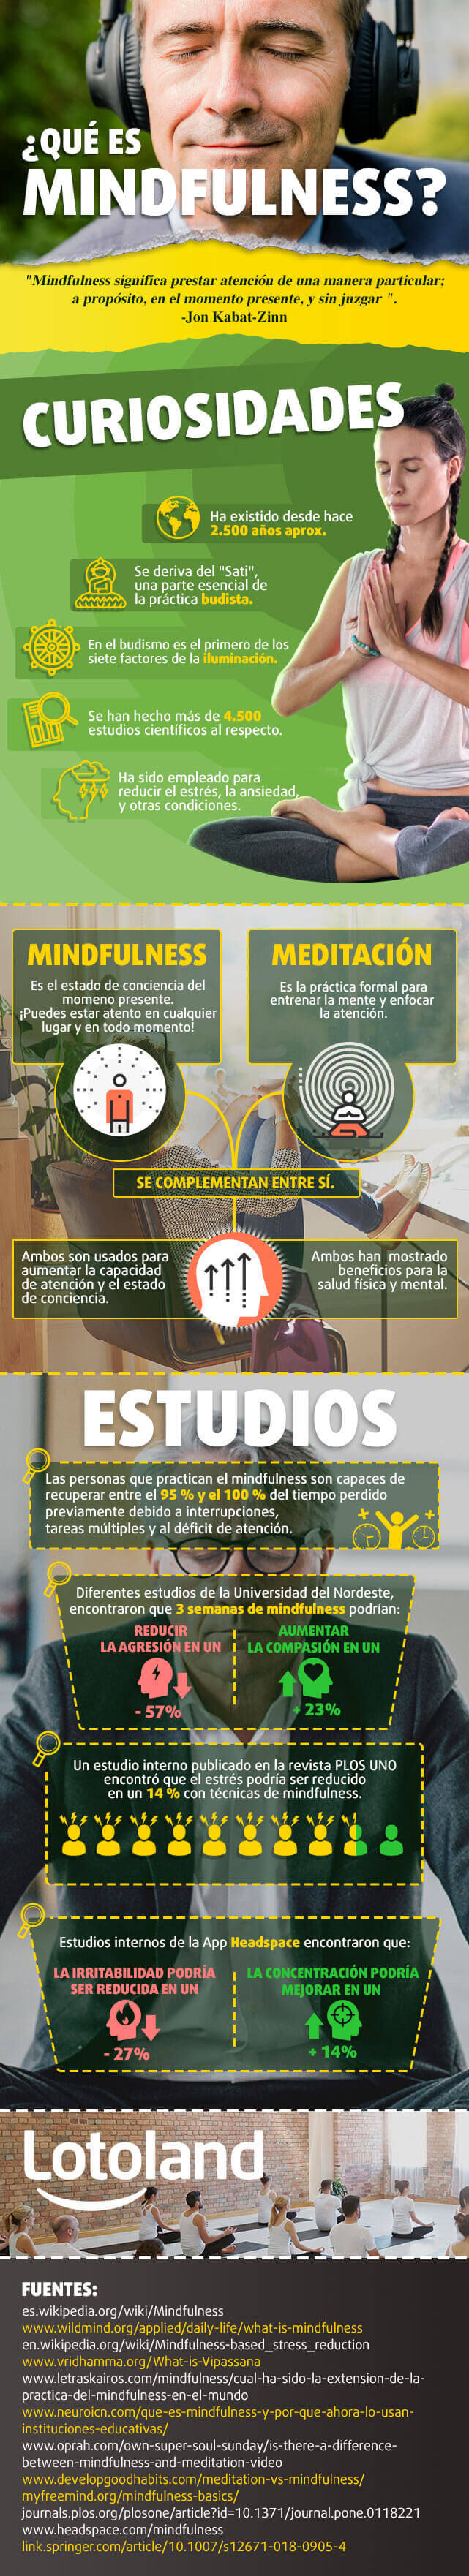 Infografía sobre lo que es Mindulness, estudios y curiosidades